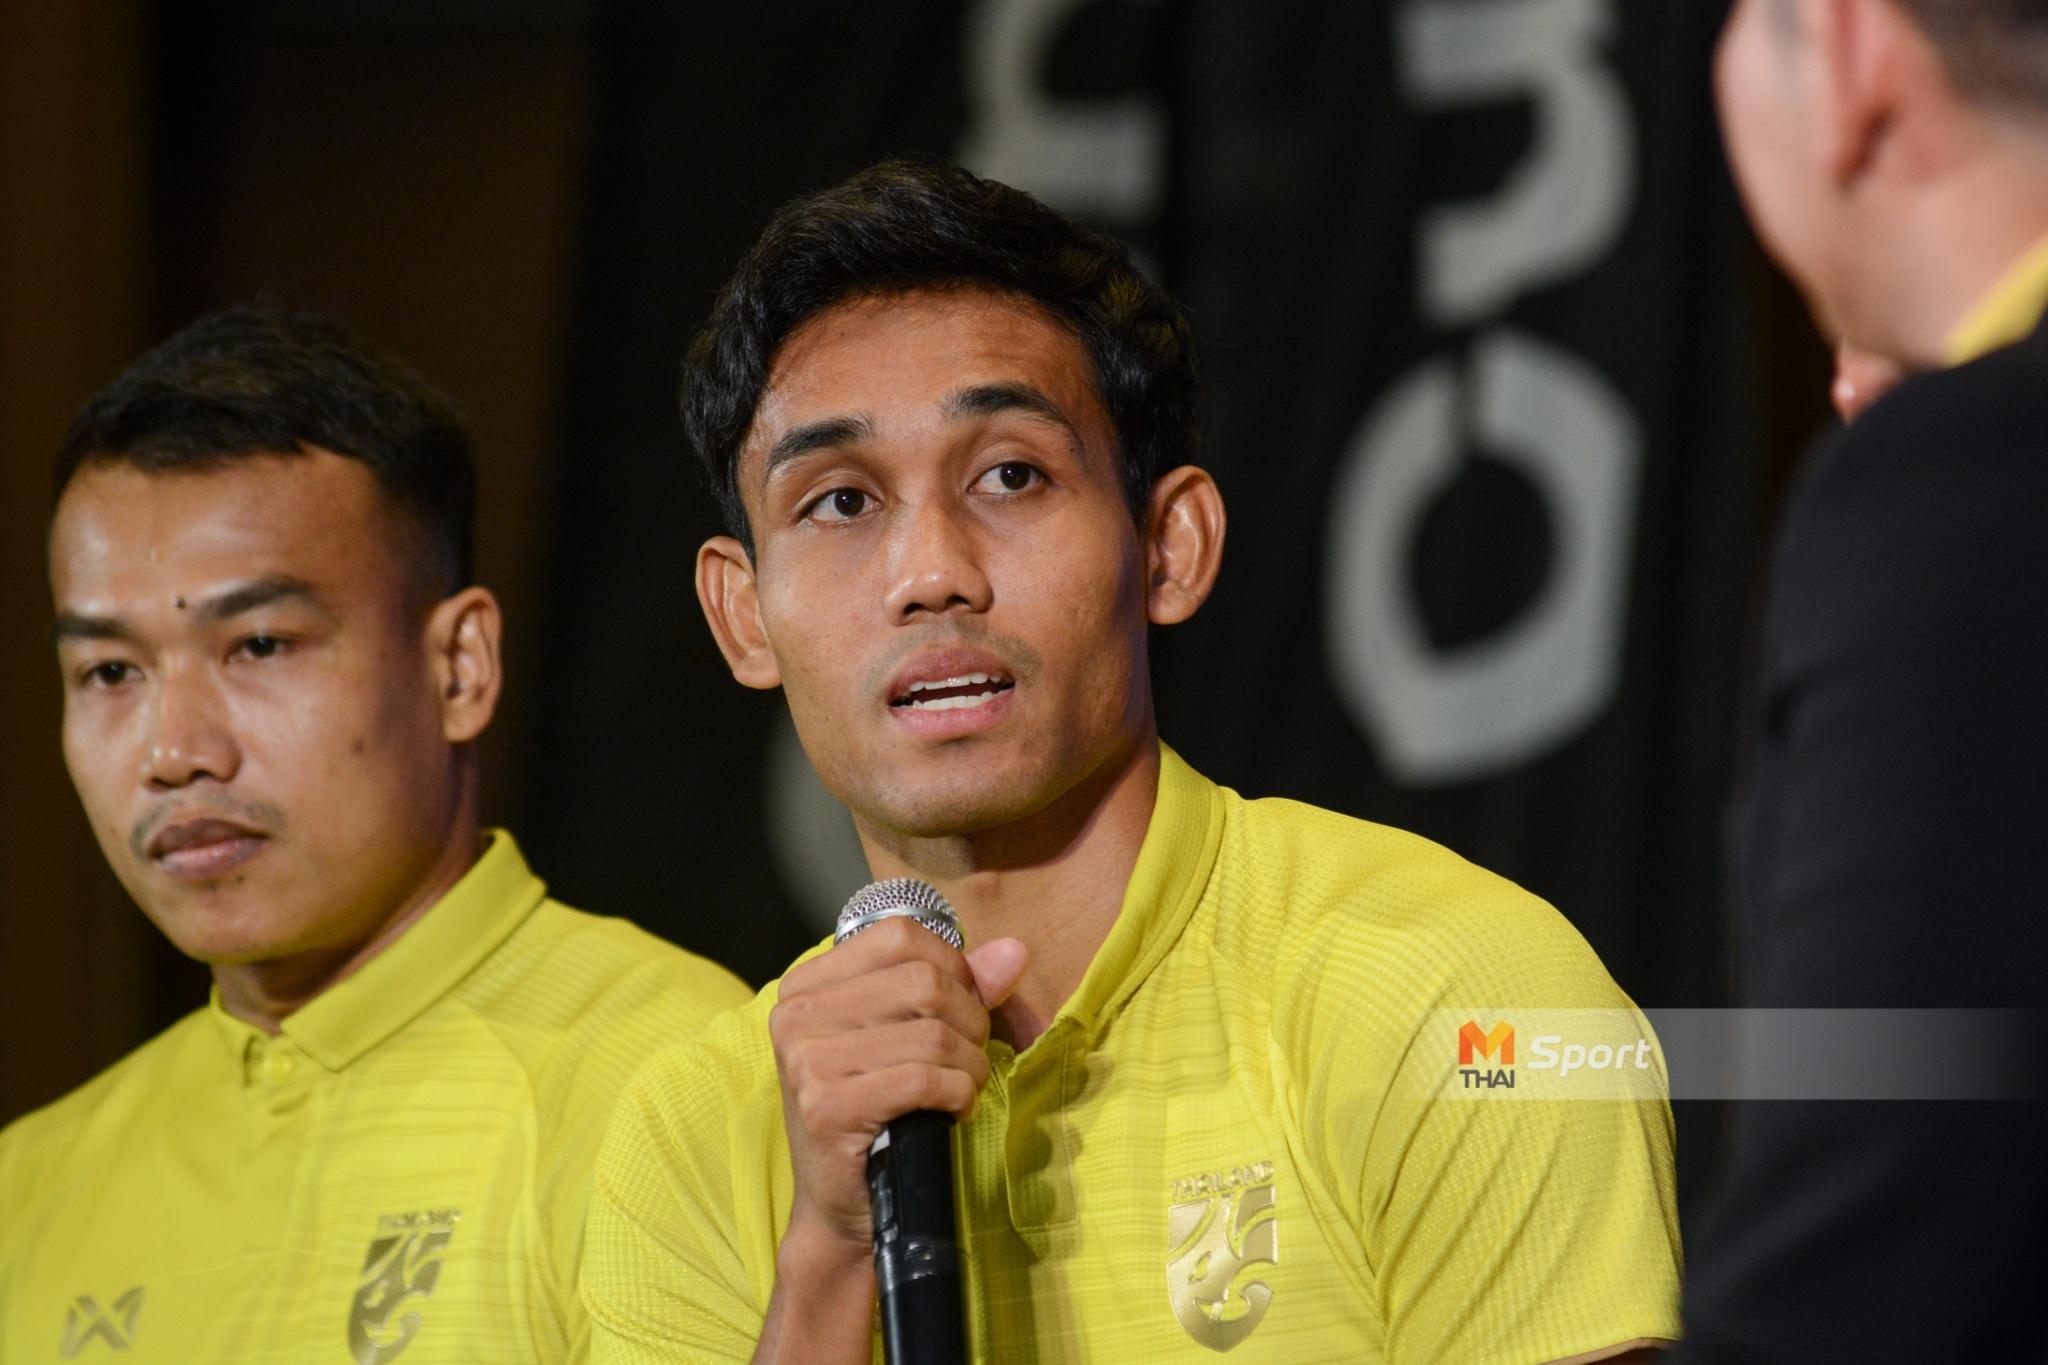 คิงส์ คัพ คิงส์คัพ 2019 ทีมชาติไทย ธีรศิลป์ แดงดา